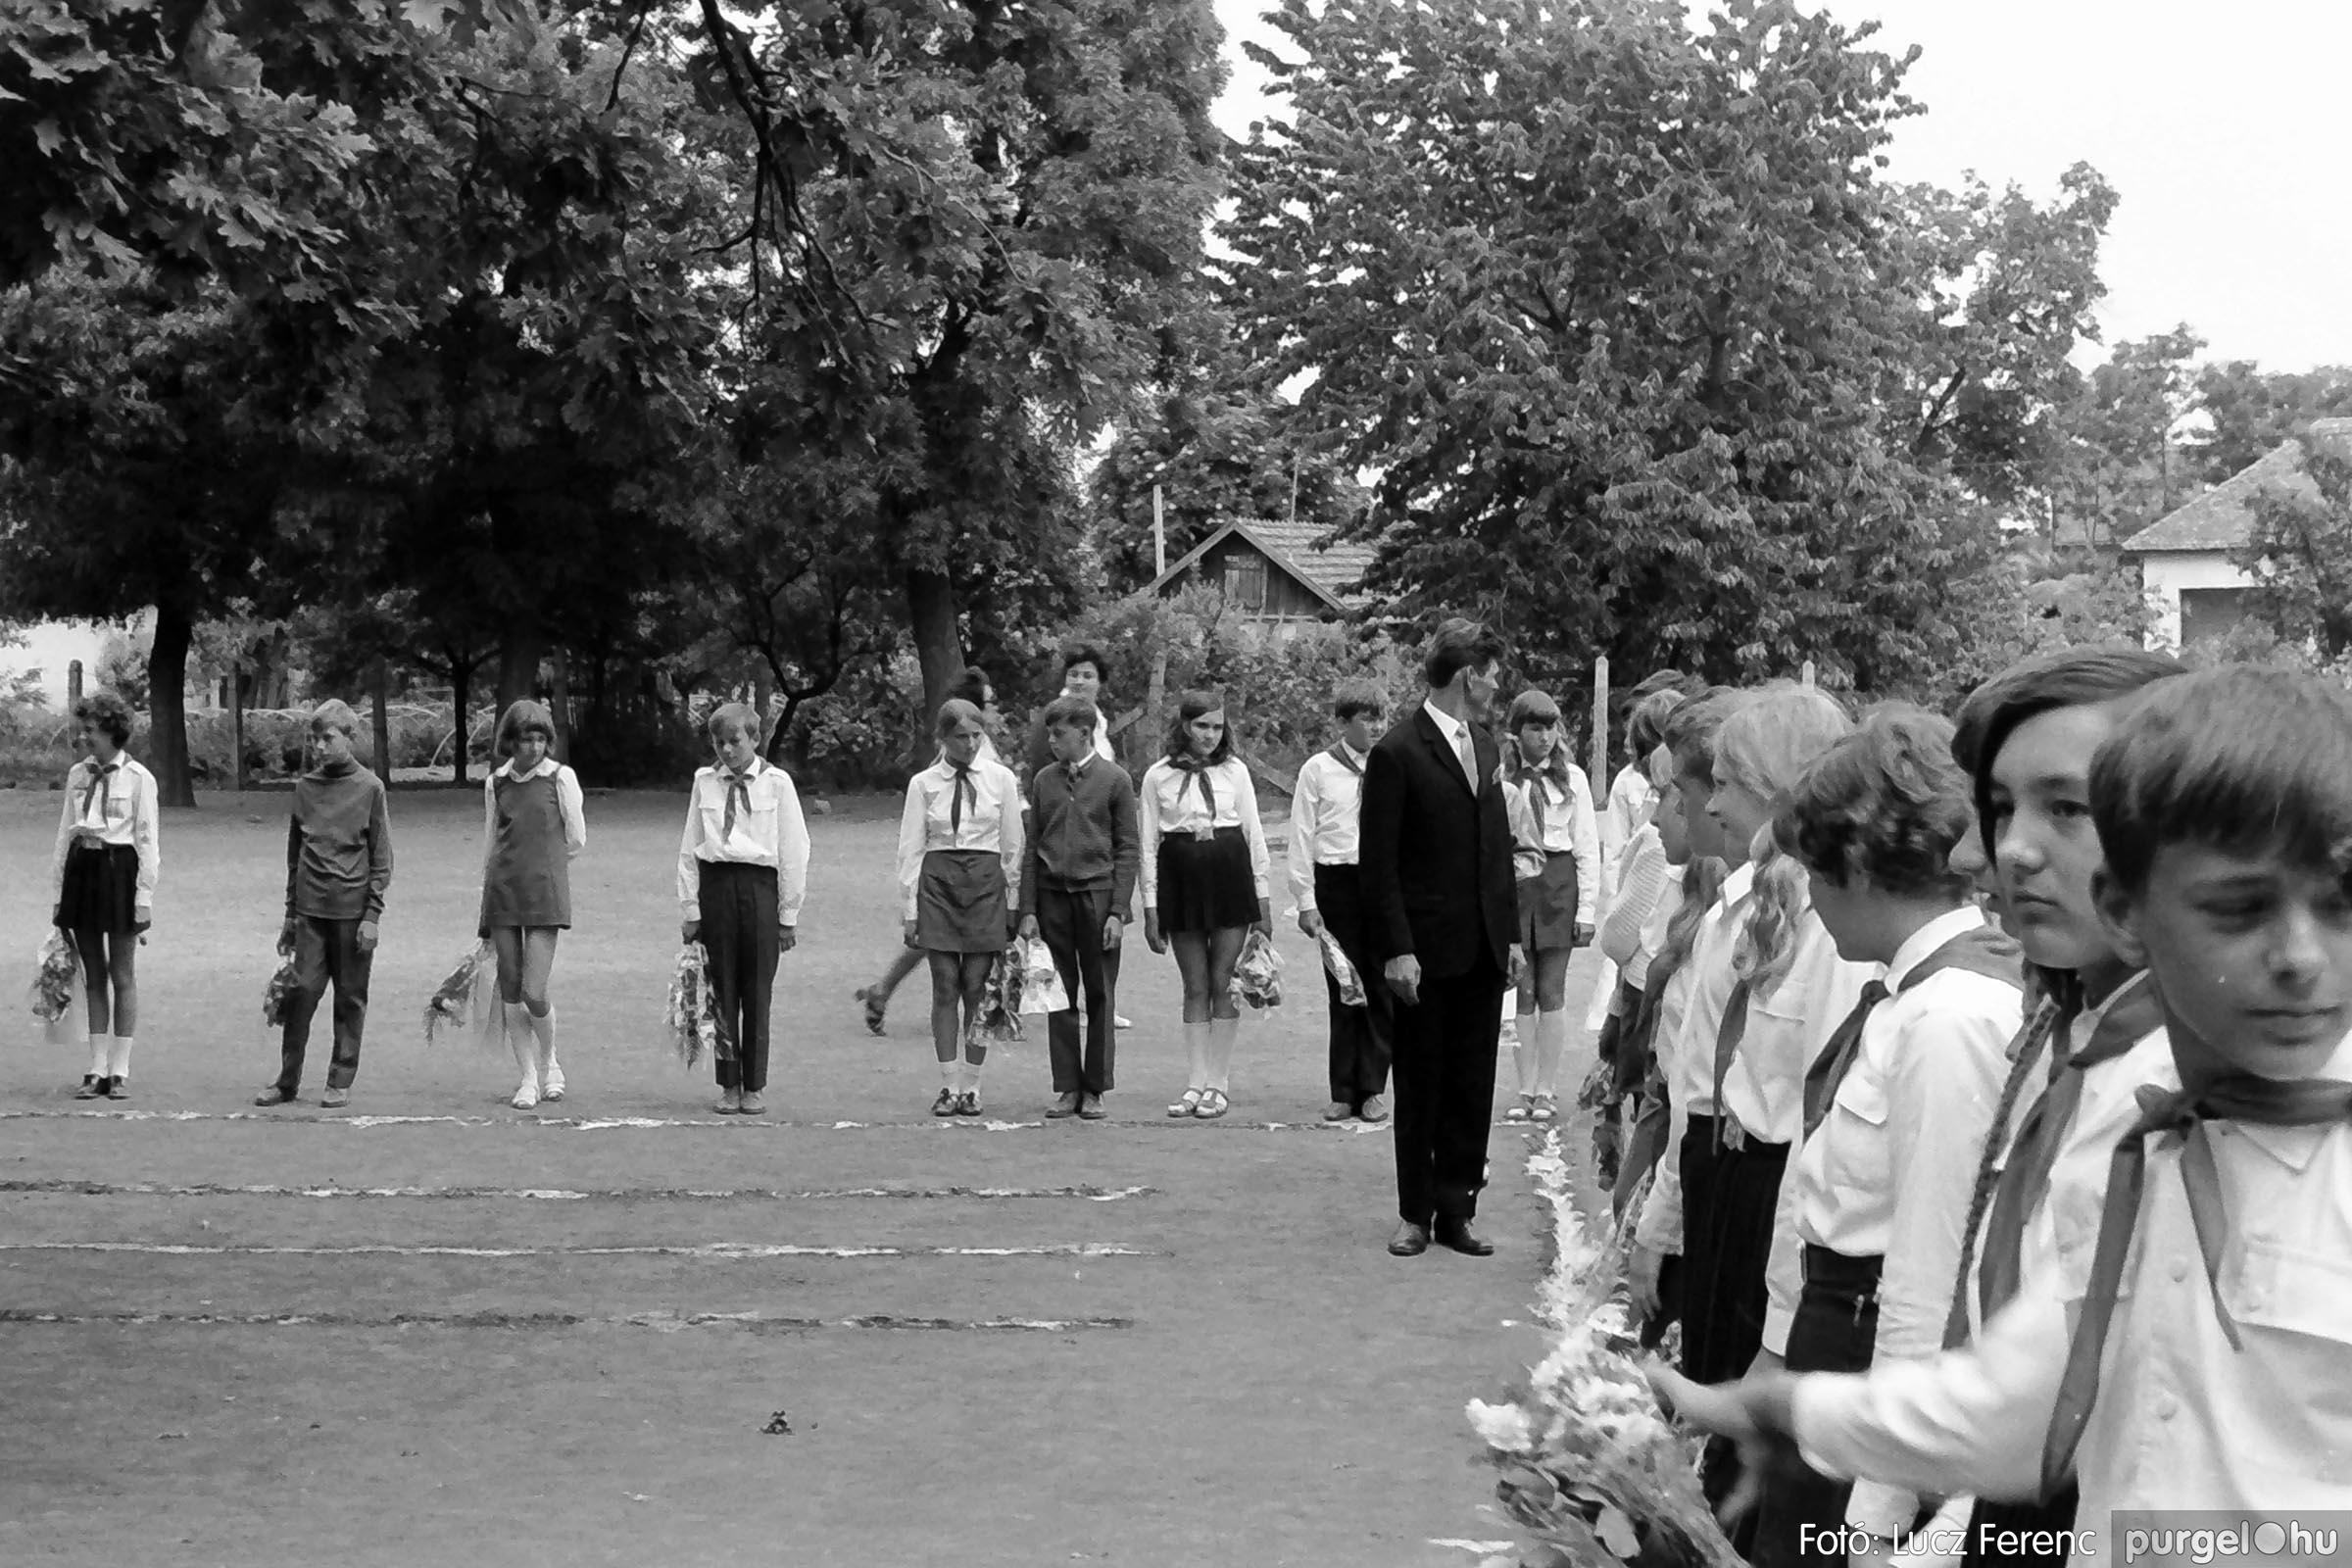 001 1972.05.27. Ballagás a szegvári iskolában 015 - Fotó: Lucz Ferenc - IMG01072q.jpg